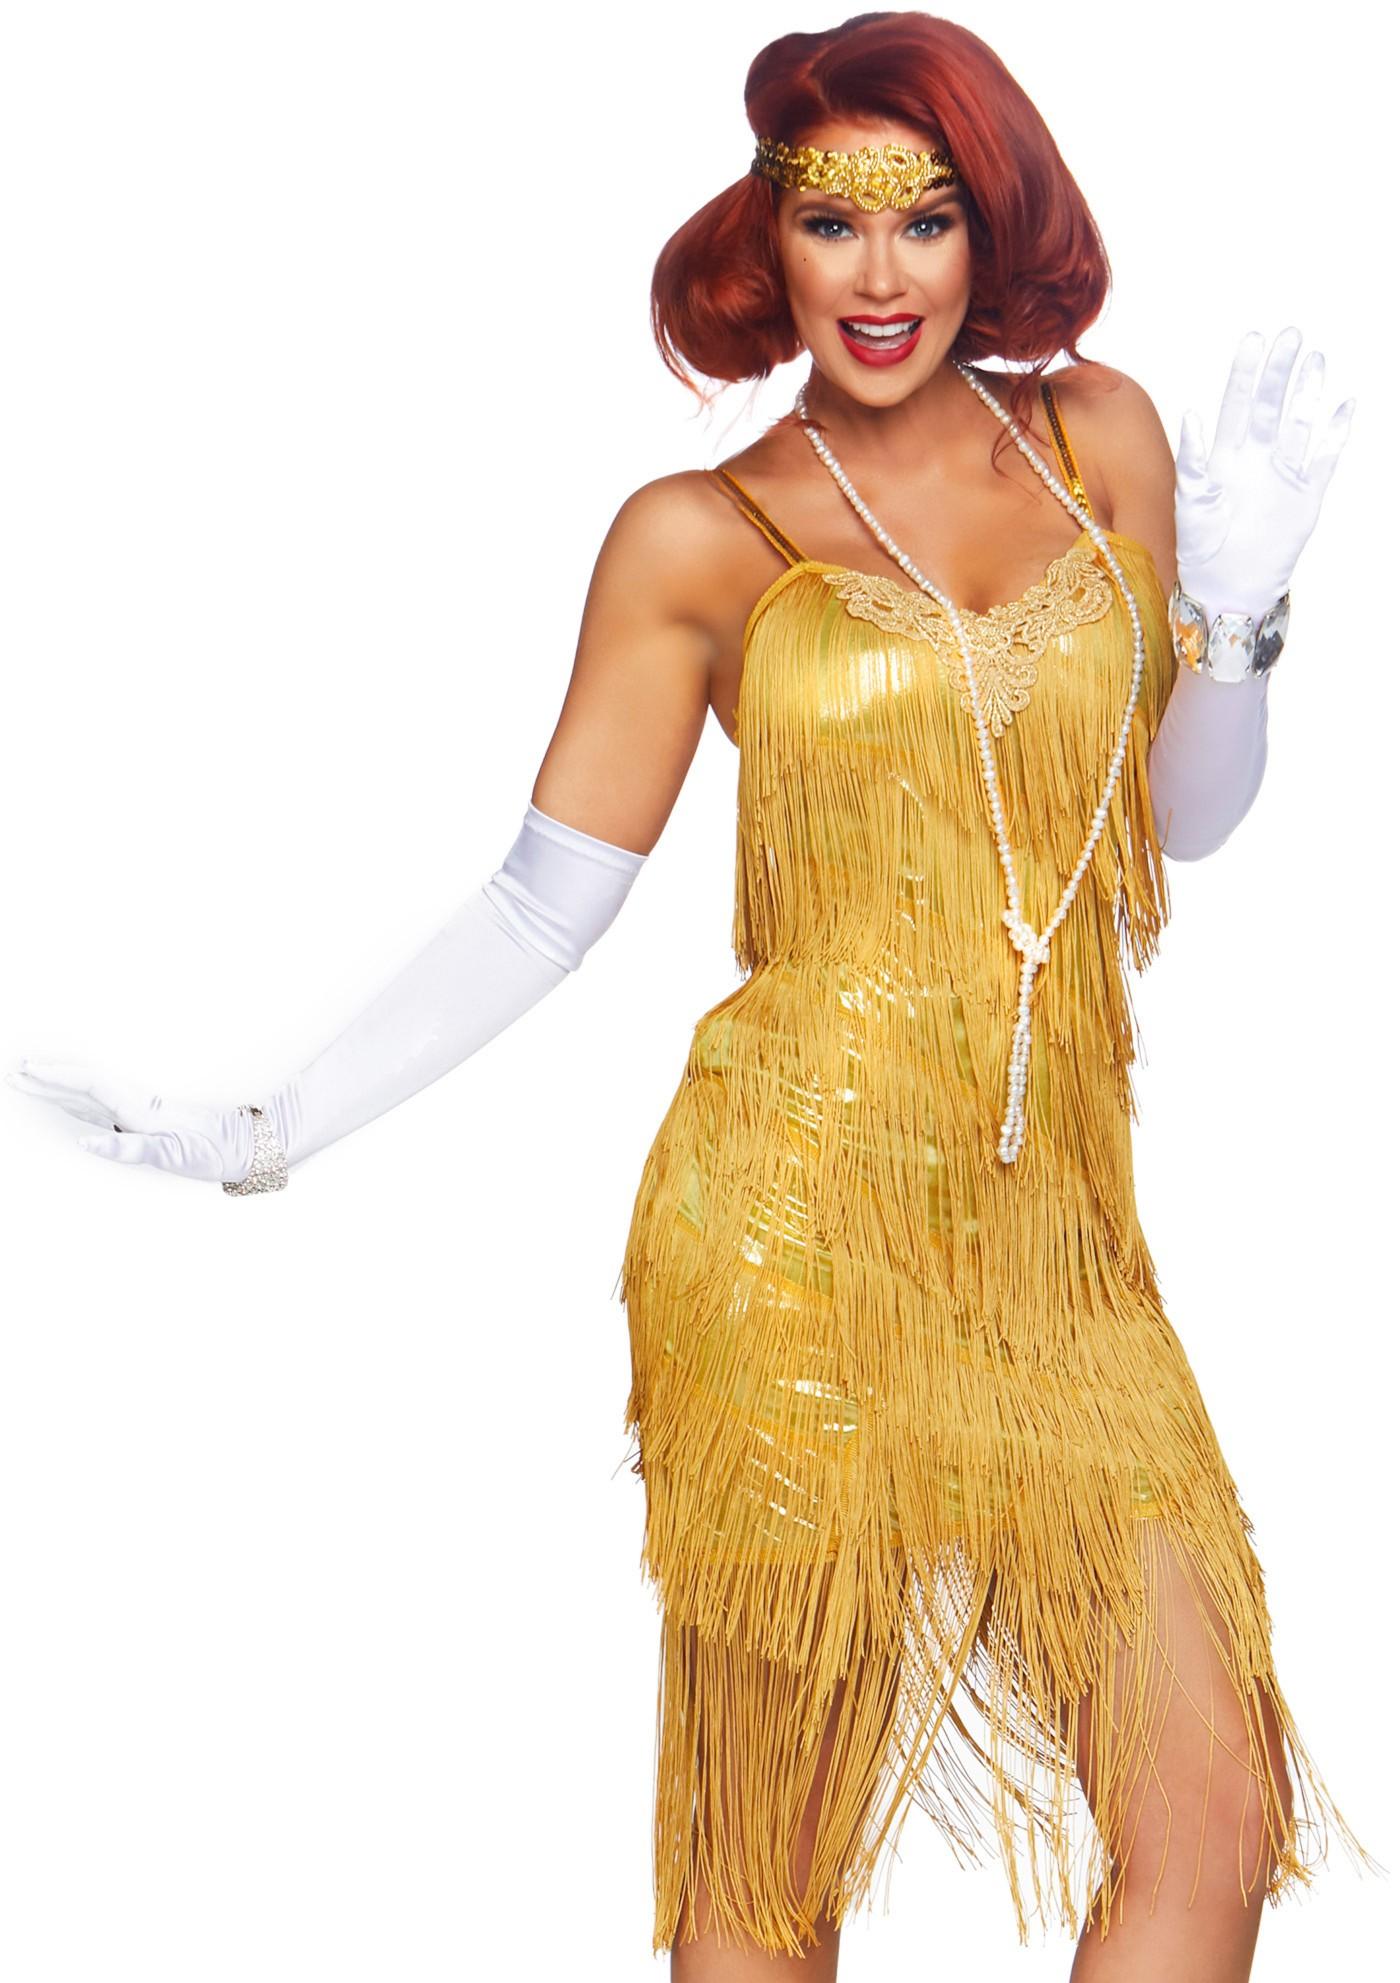 Costume Dazzling Daisy - Leg Avenue